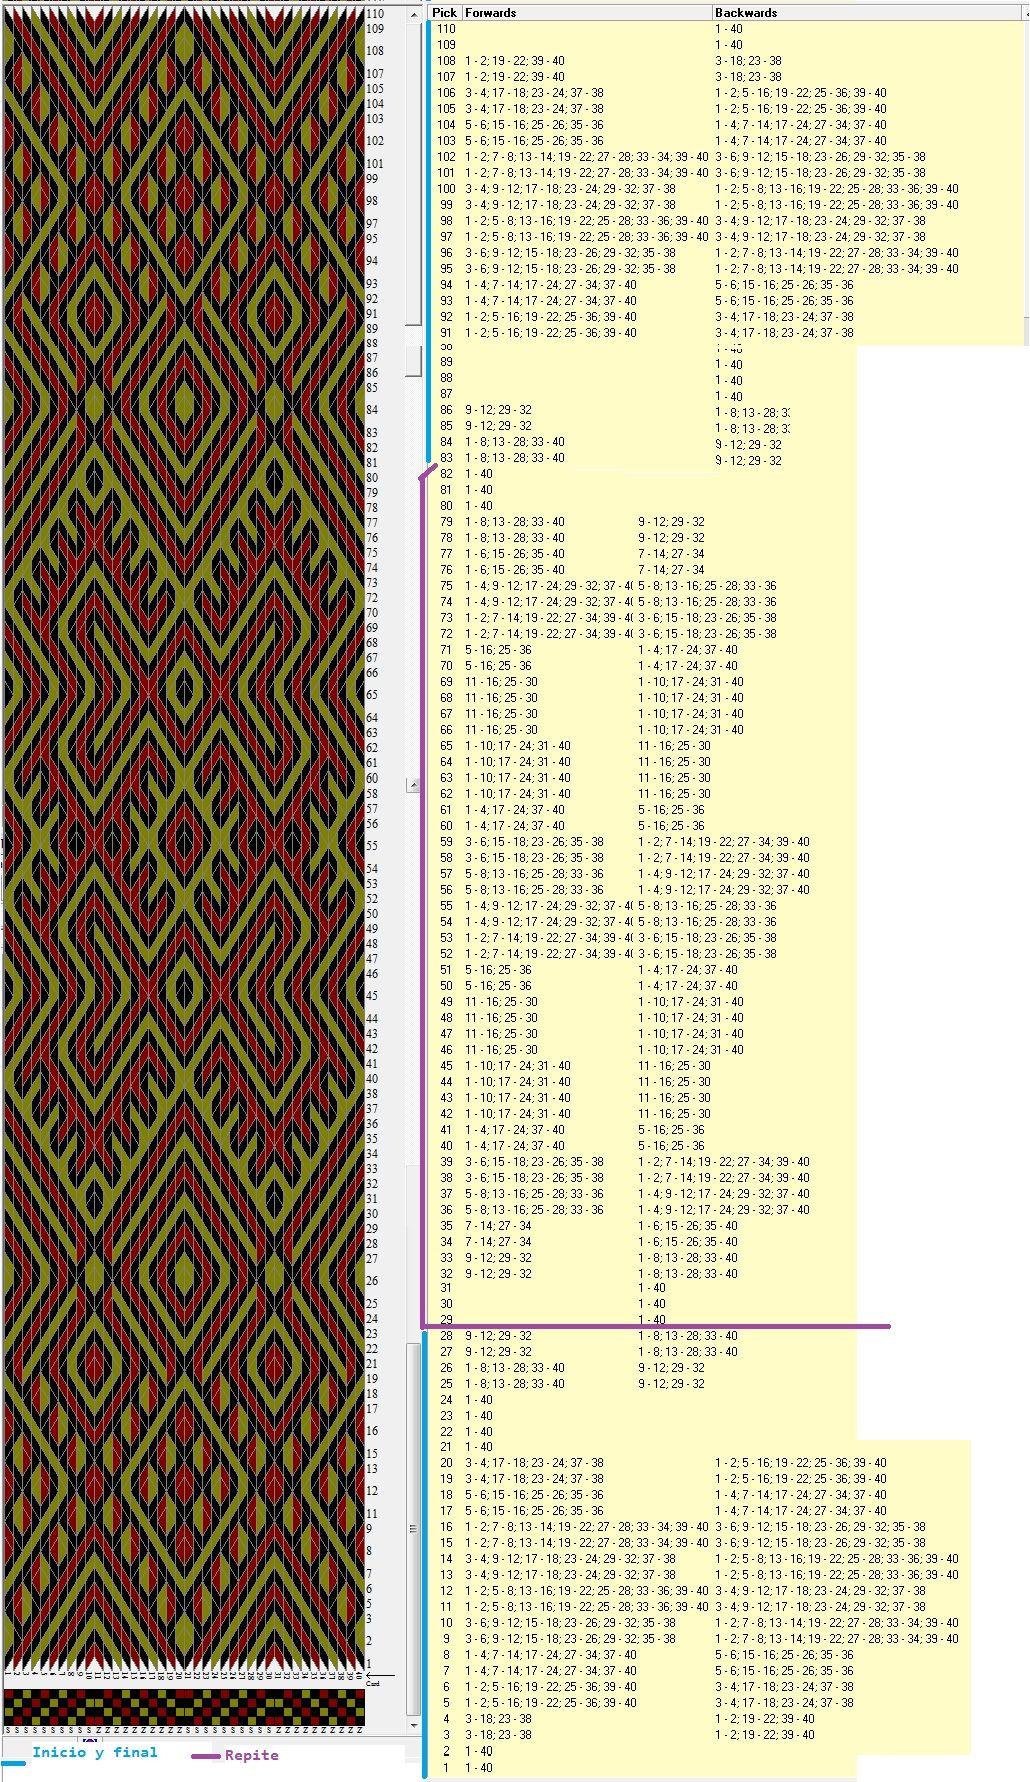 40 tarjetas, 3 colores, 28 movimientos de inicio y final, repite secuencia de 54 movimientos // sed_382 diseñado en GTT༺❁